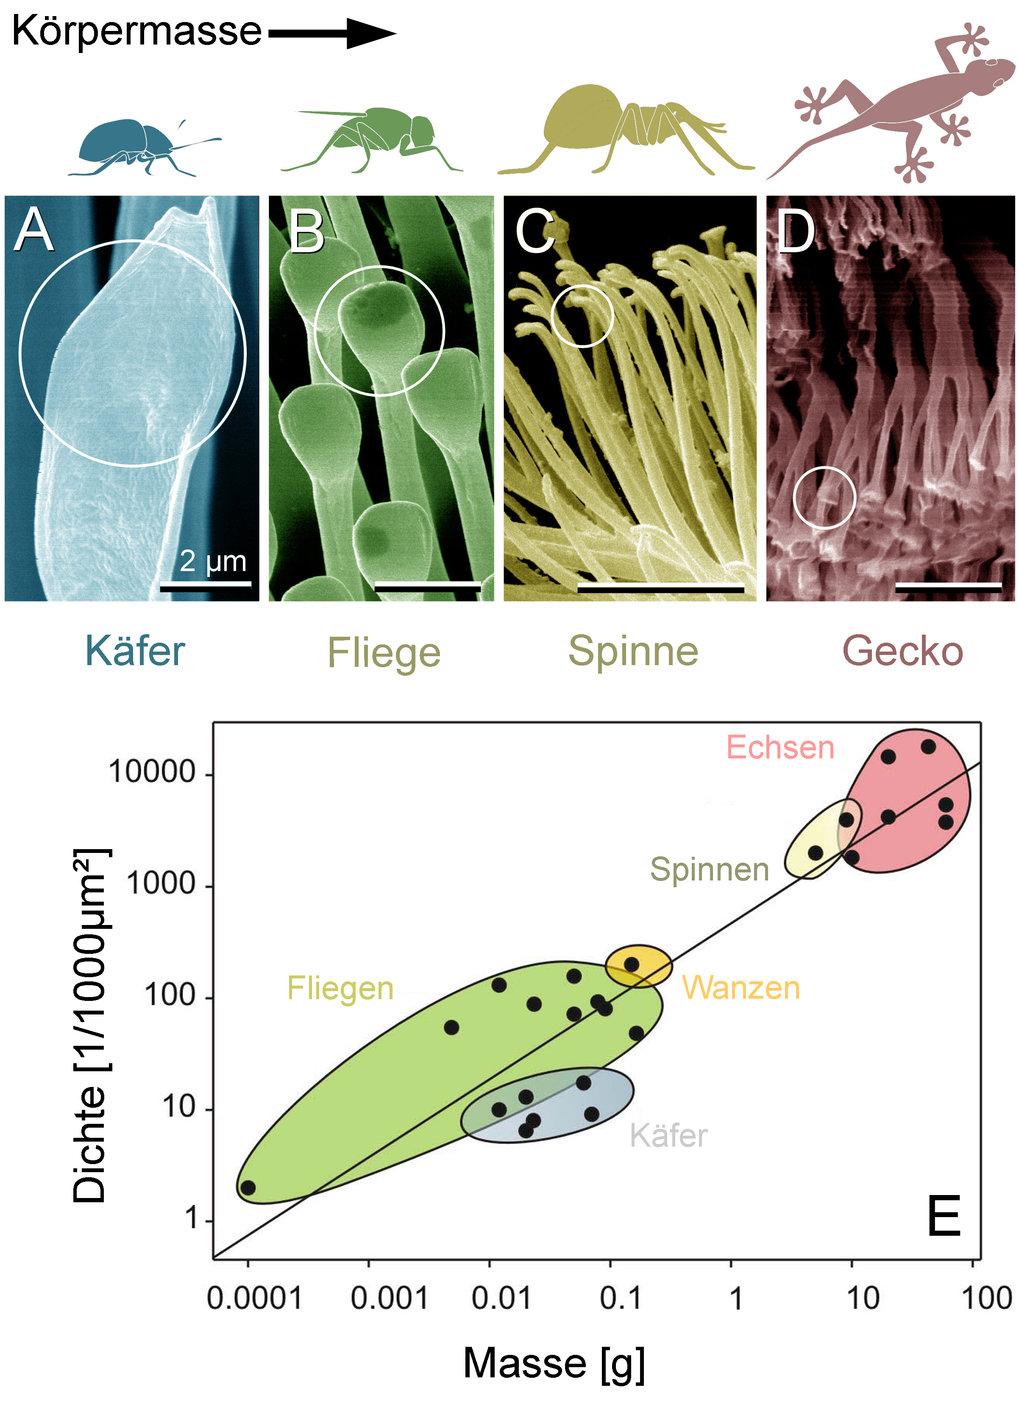 Das Elektronenmikroskop enthüllt spatelförmige Feinstrukturen (oben), die an den Fußsohlen von Käfern, Fliegen, Spinnen und Geckos für Haftung an Deck